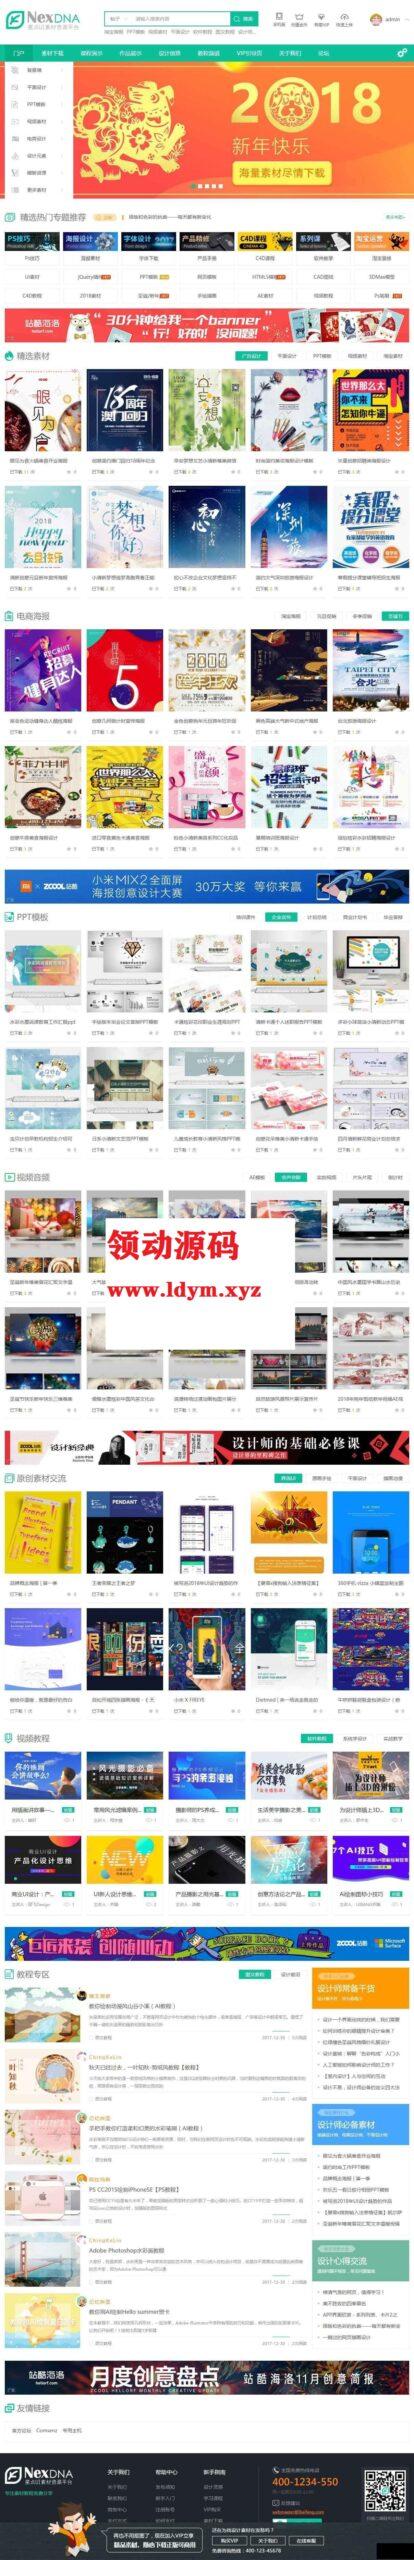 图片[1]-Discuz模版素材教程资源下载Discuz x3.4商业模板宽屏设计+详细安装教程